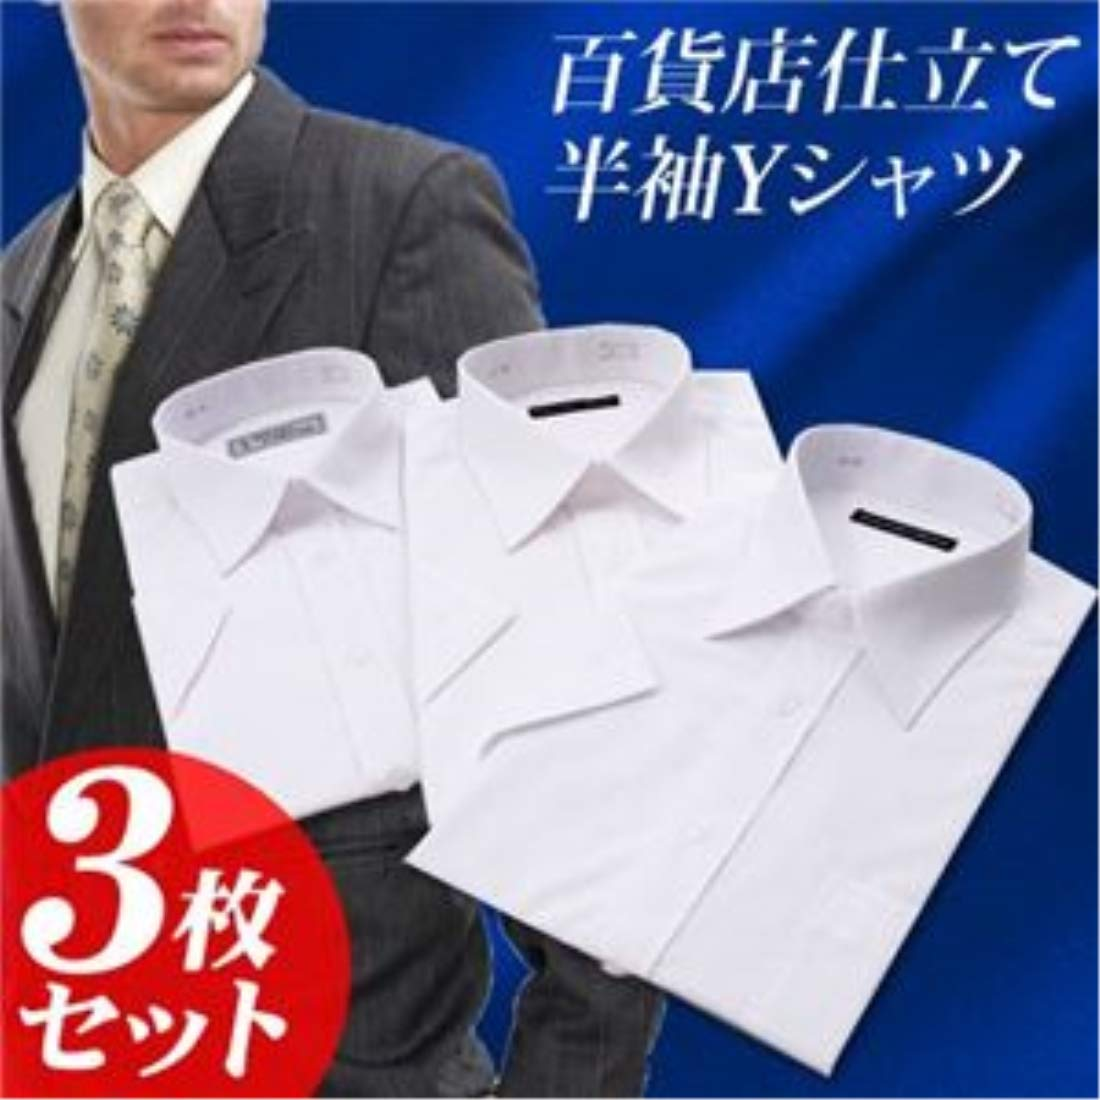 日用品 ワイシャツ 関連商品 半袖 ワイシャツ3枚セット LL 【 3点セット 】 B076Z55Z8S